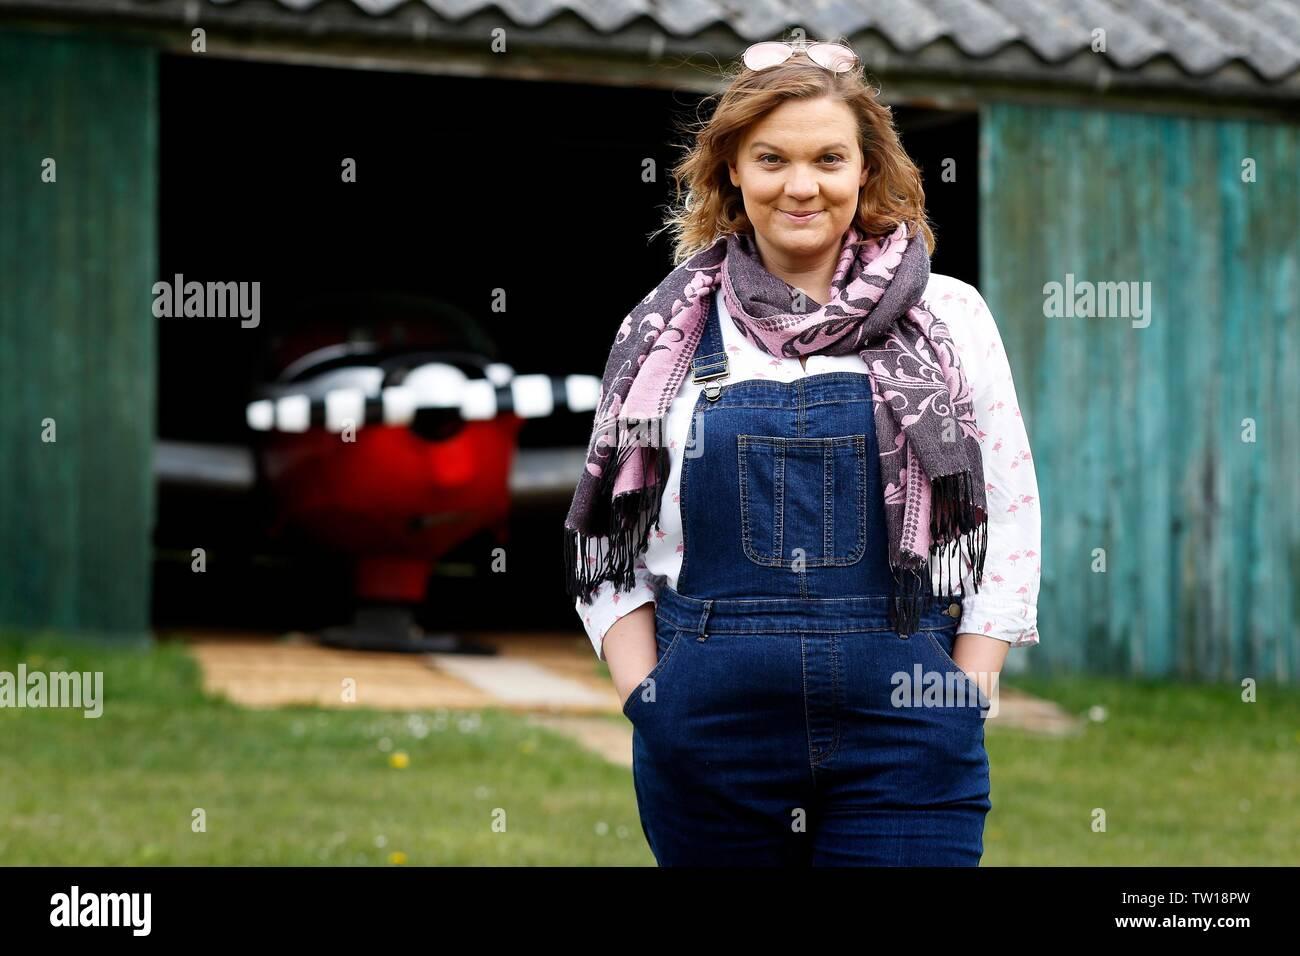 Joanna 'Joey' Barba, cineasta, fotógrafo y piloto aprendiz, quien acaba de terminar Airbourne, un drama de 25 minutos de película. Imagen De Stock